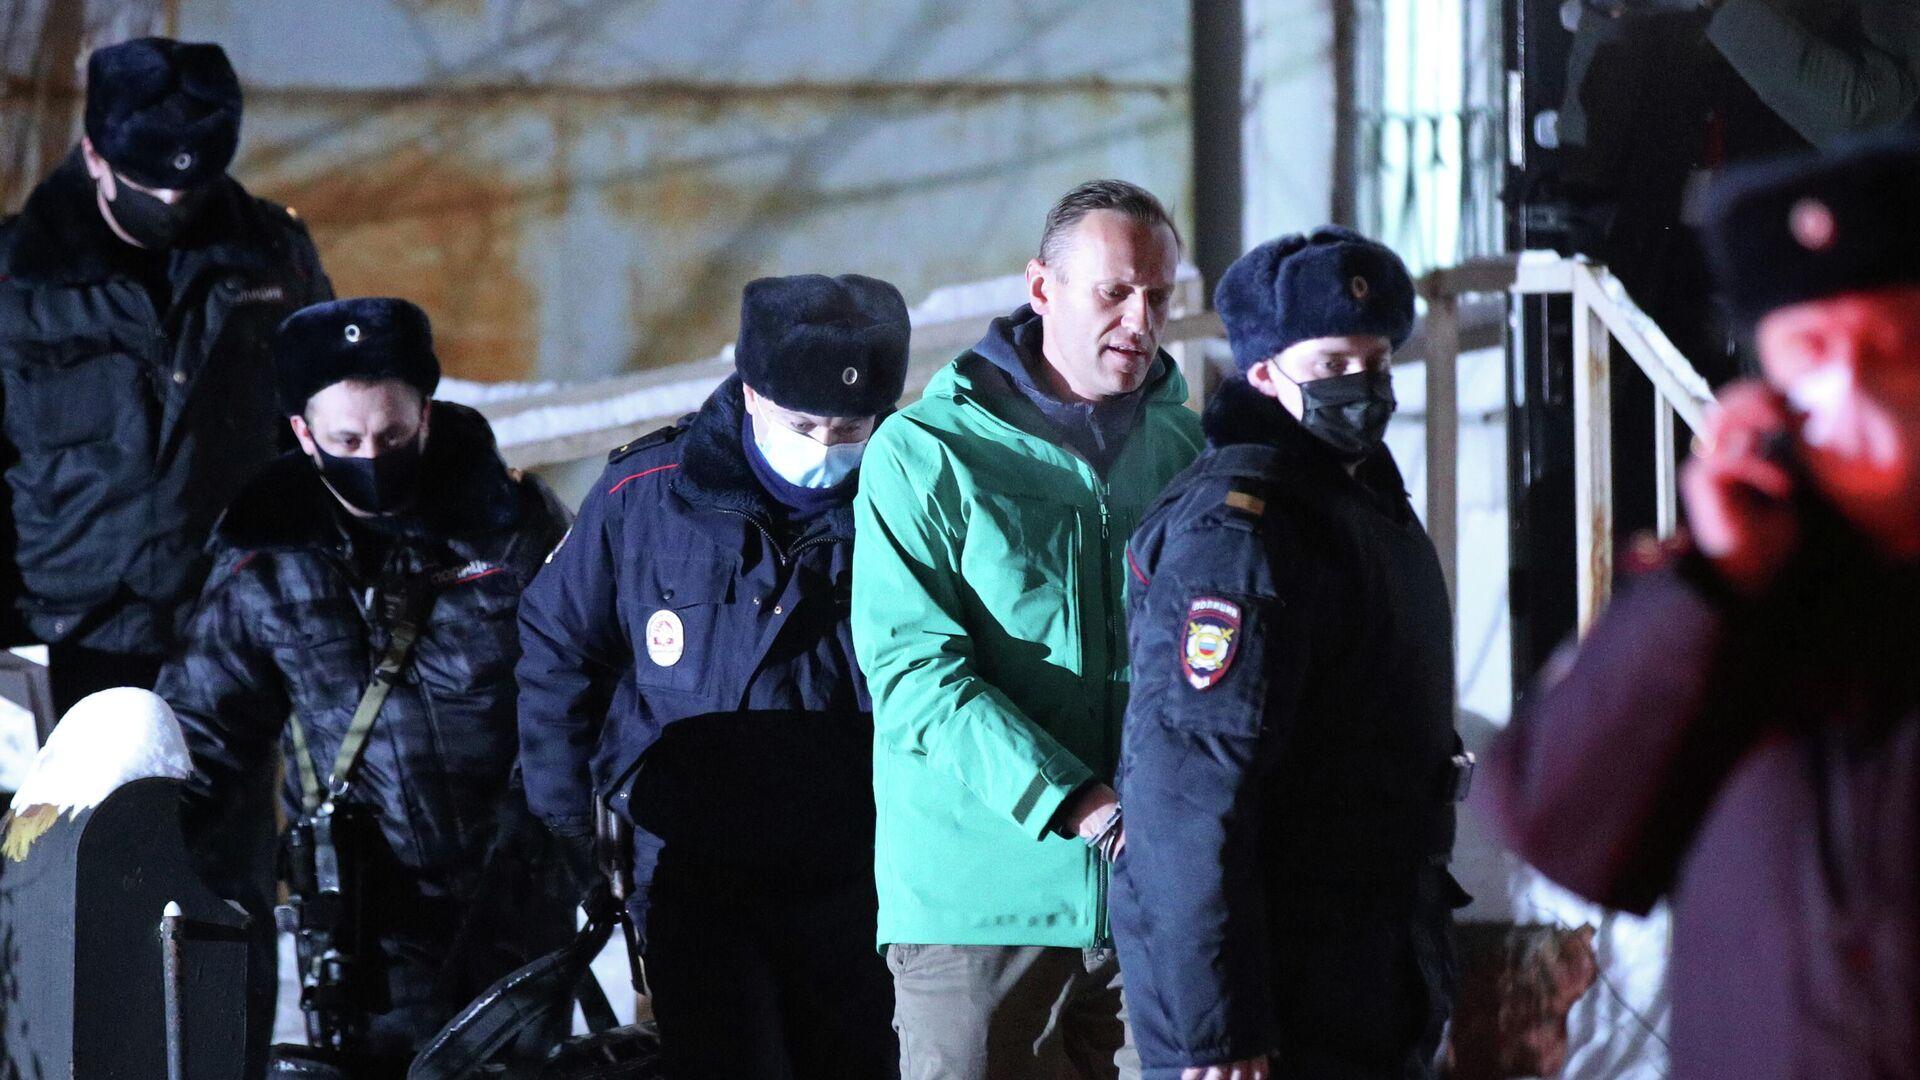 Сотрудники полиции выводят Алексея Навального из здания 2-го отдела полиции Управления МВД России по г. о. Химки - РИА Новости, 1920, 26.01.2021